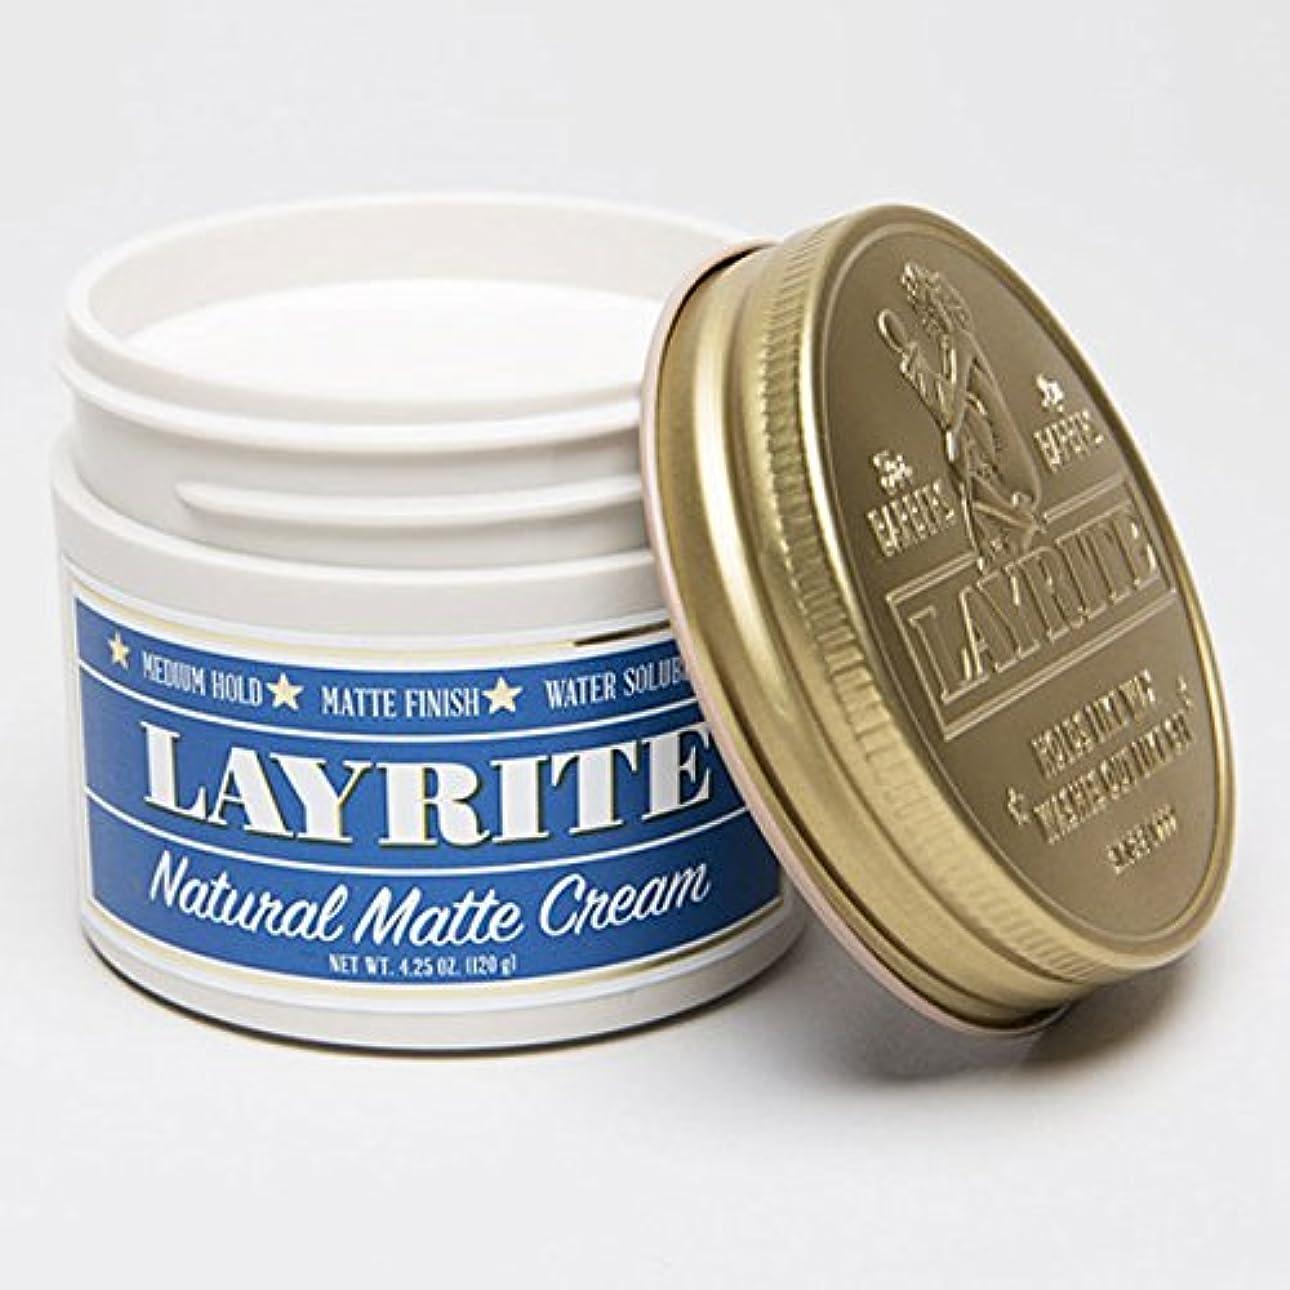 フェンスまろやかな細分化するLAYRITE レイライト 【Natural Matte Cream Pomade】 水性ポマード ミディアムホールド 4.25OZ(約120G)